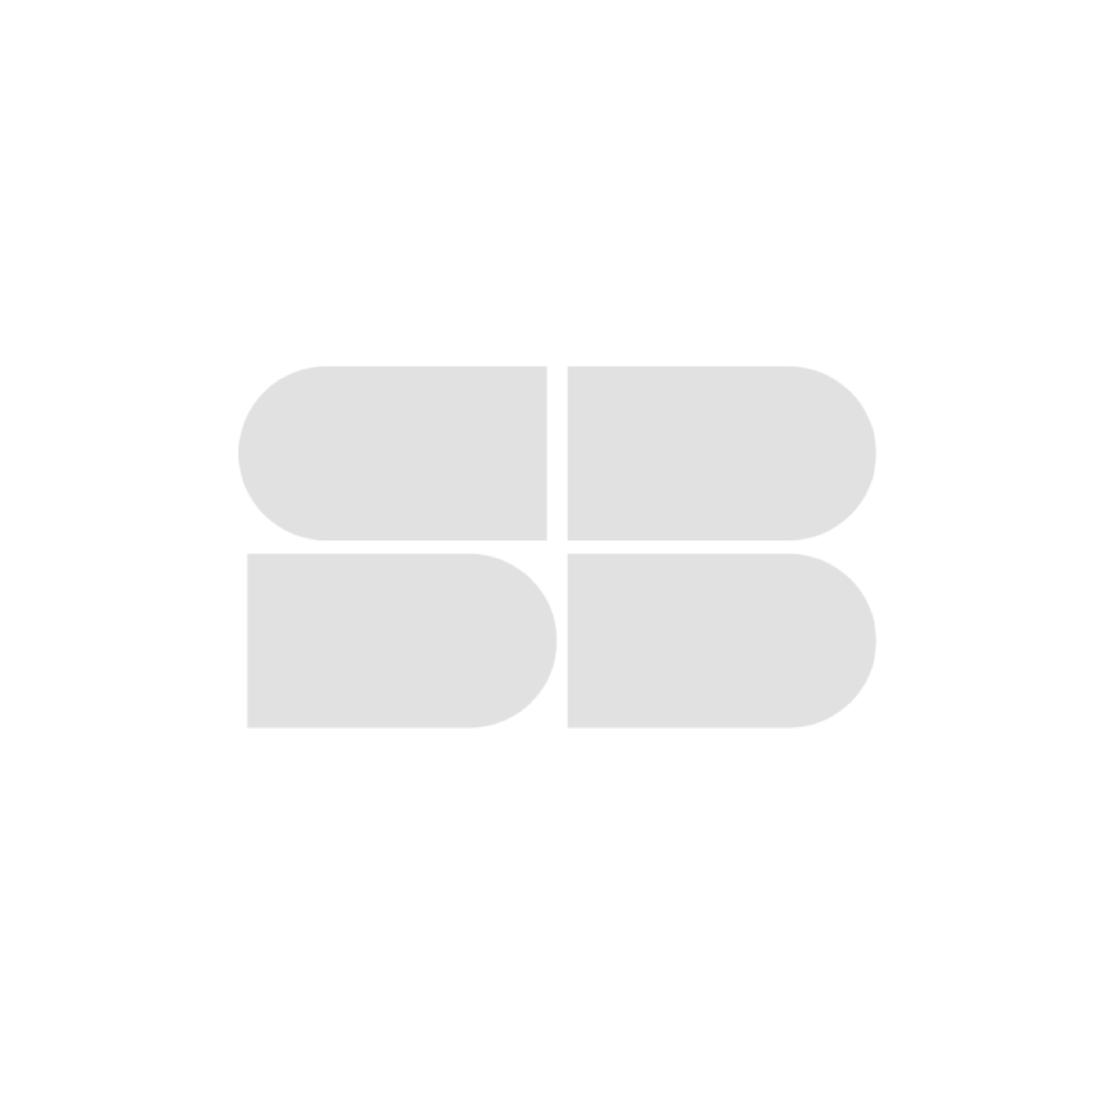 ที่นอน LADY AMERICANA รุ่น MAGARET ขนาด 3.5 ฟุต แถมฟรี ชุดเครื่องนอนและผลิตภัณฑ์บรรจุใย 7 ชิ้น